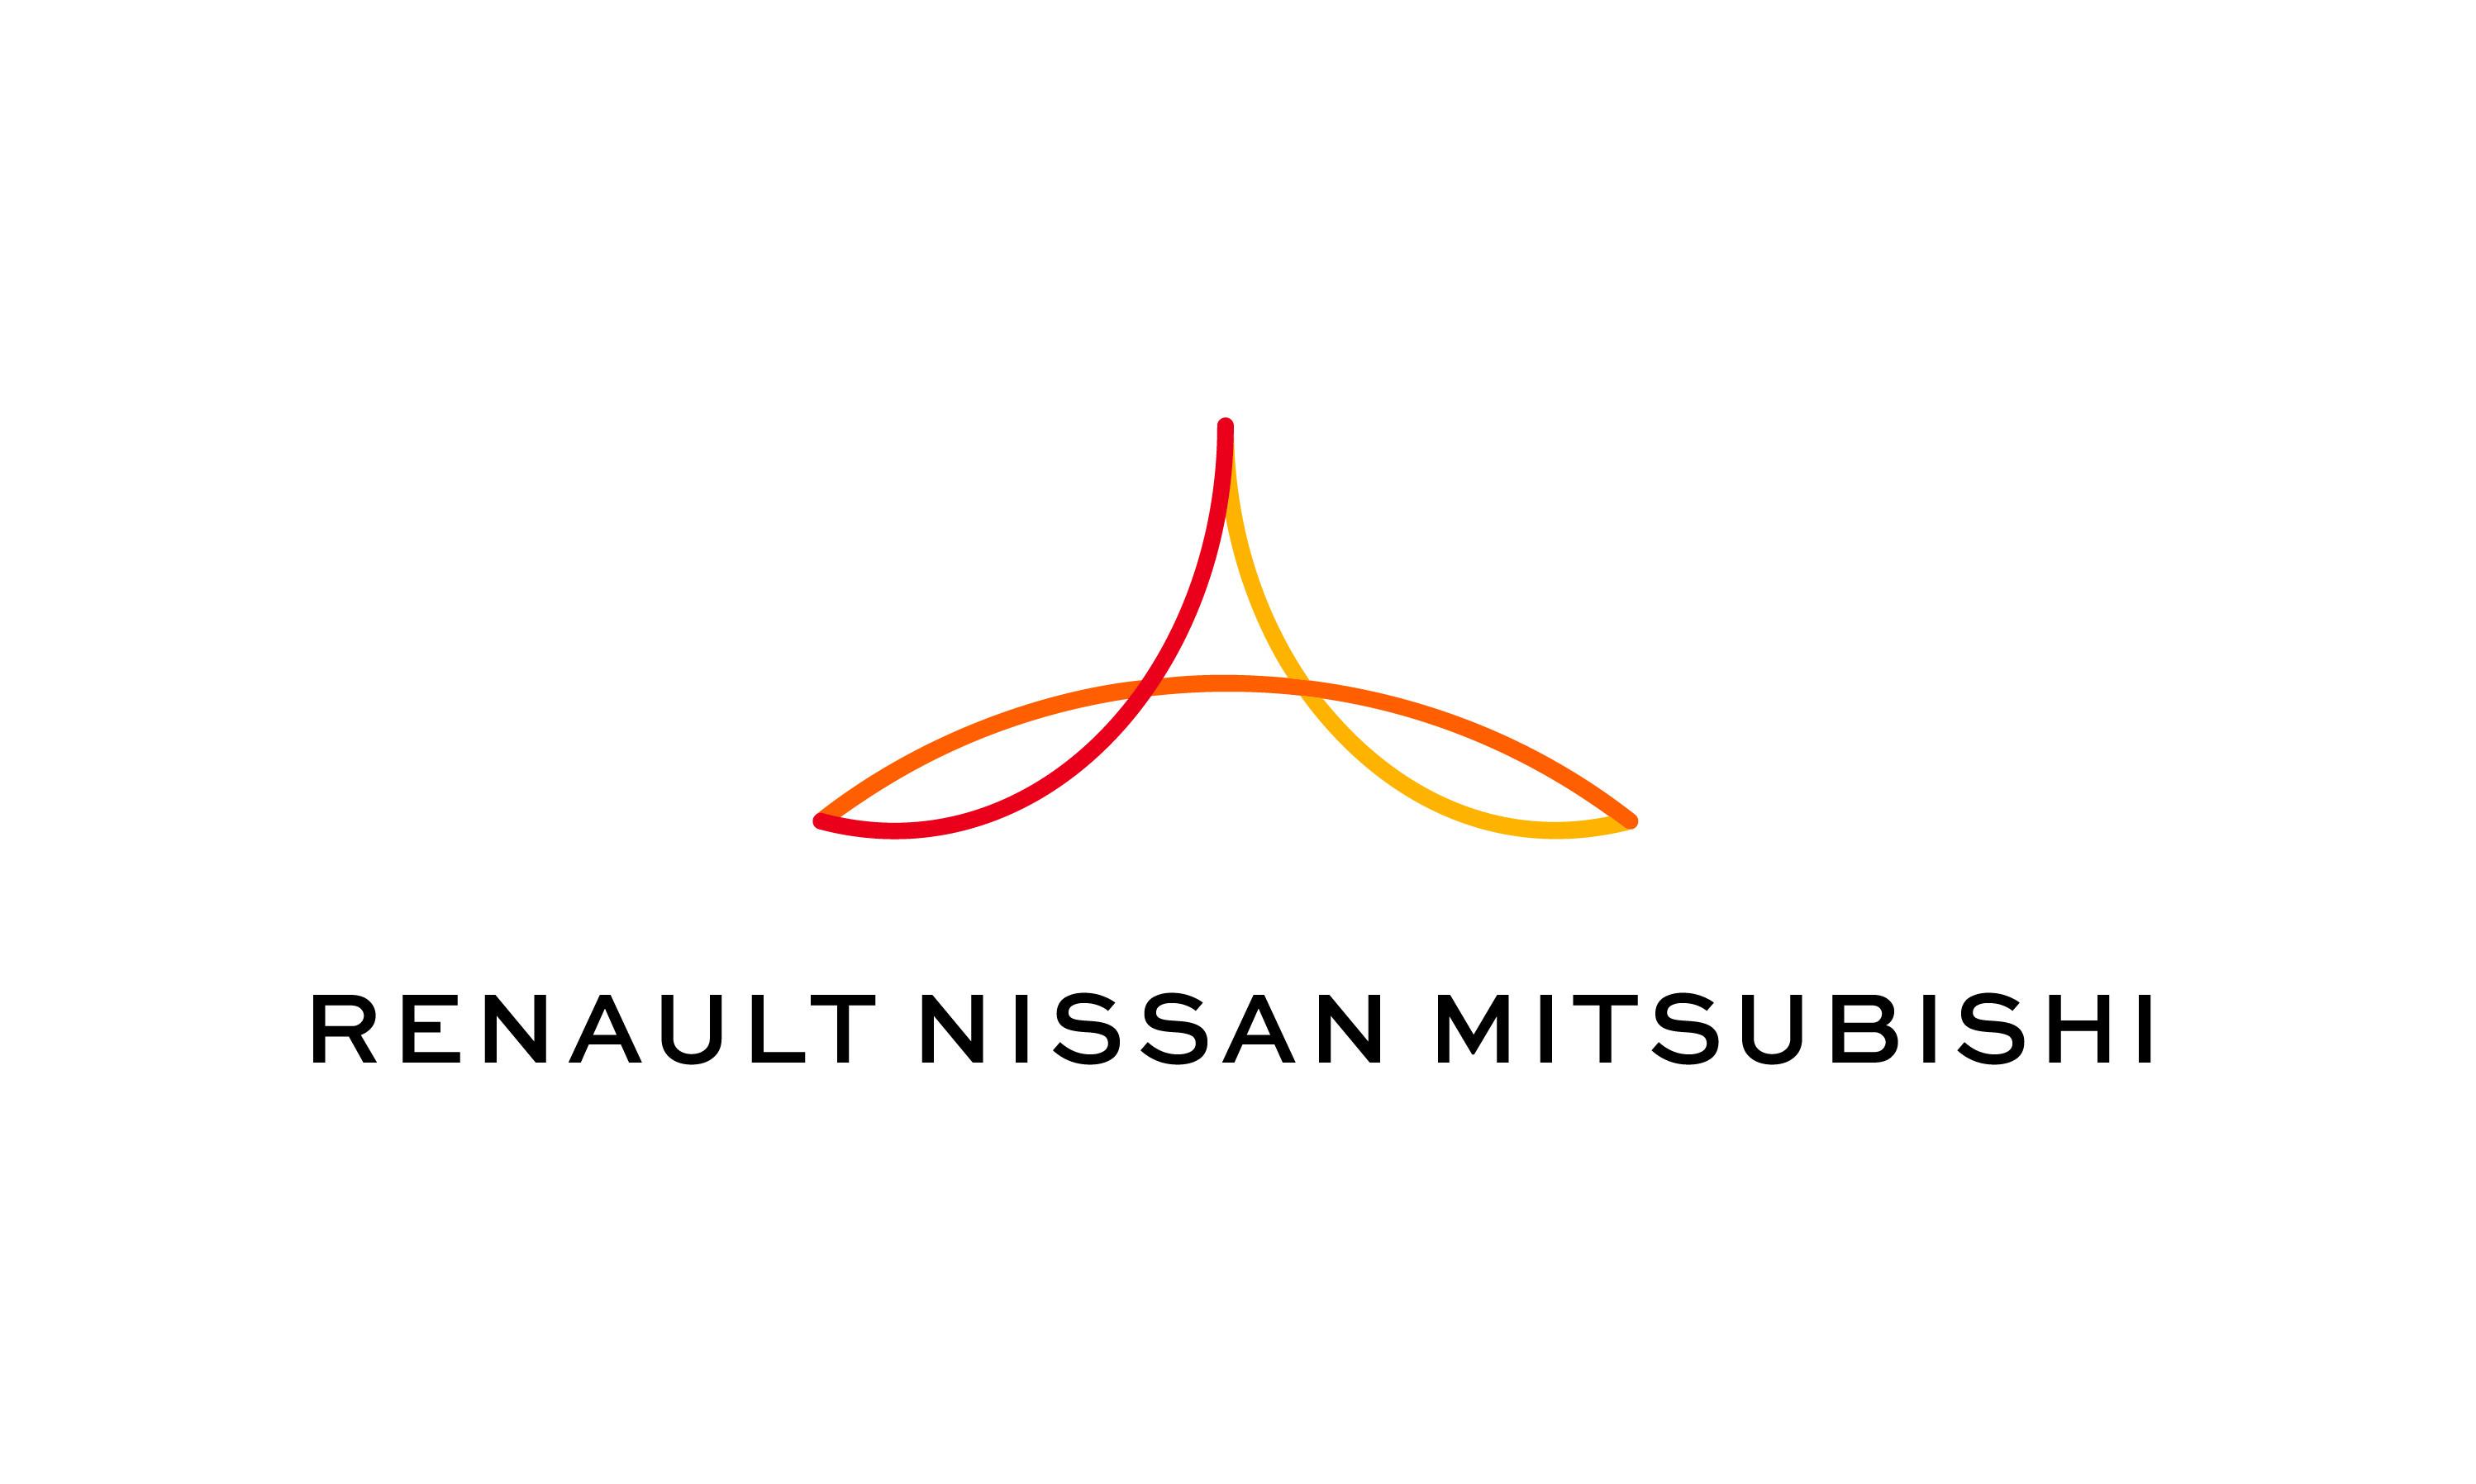 La corazzata franco nipponica Renault Nissan Mitsubishi